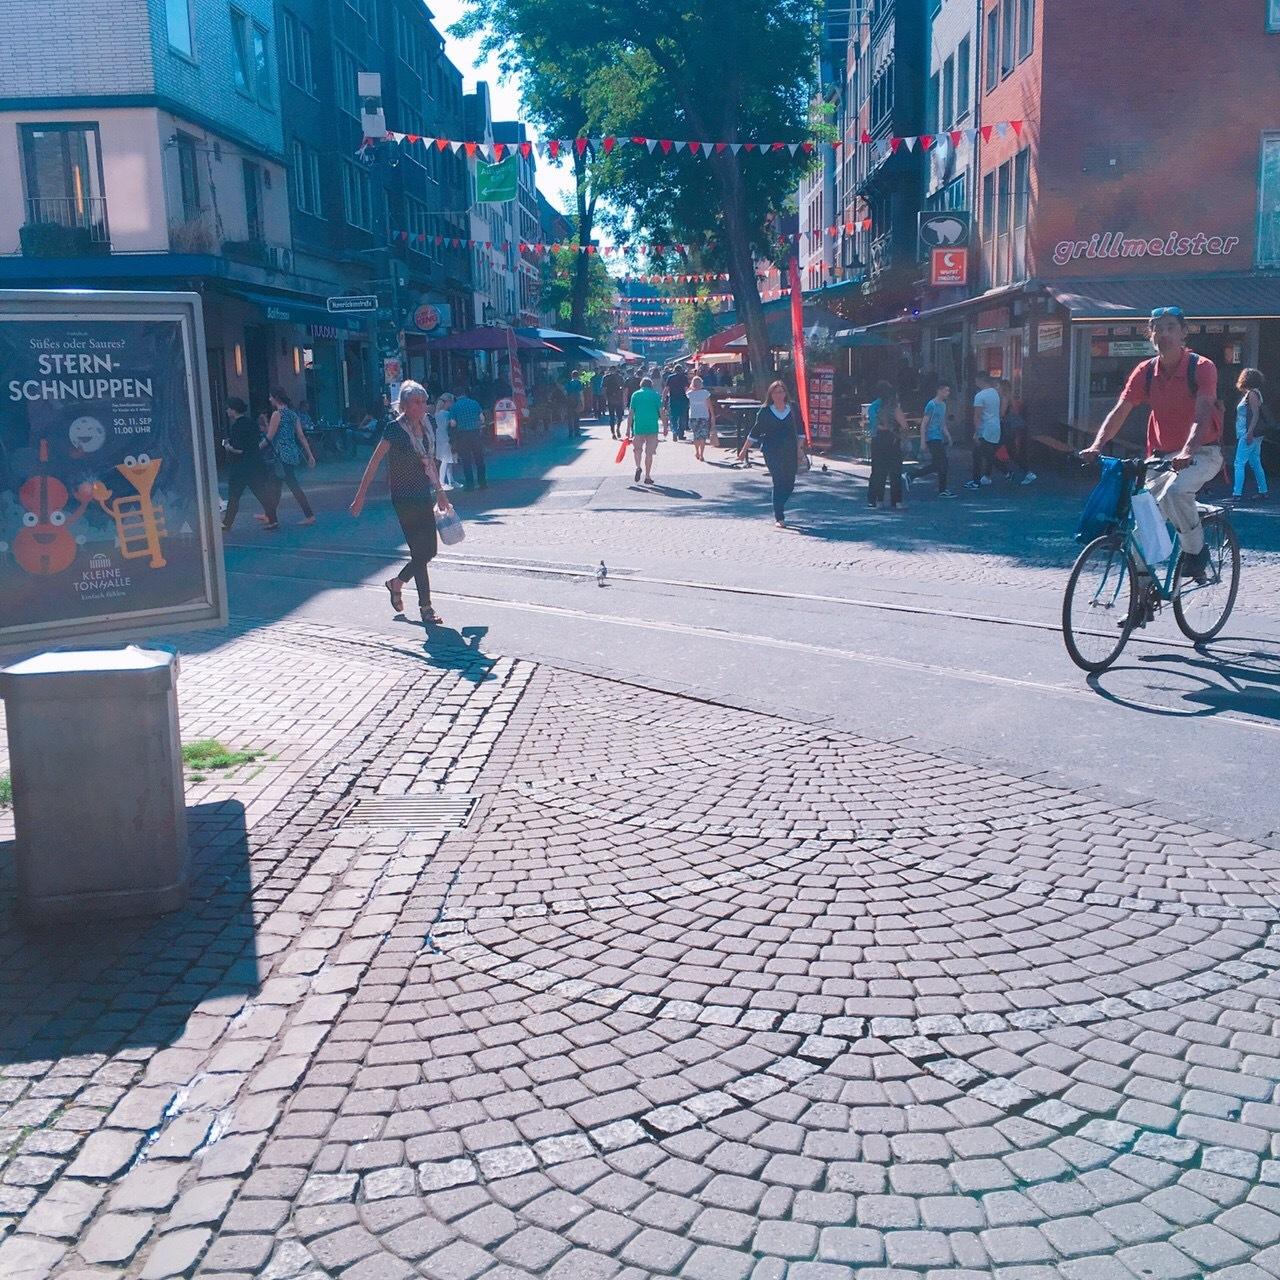 ドイツ -帰国子女が教えるマル秘スポット【デュッセルドルフ】の街を歩く-_1_4-1